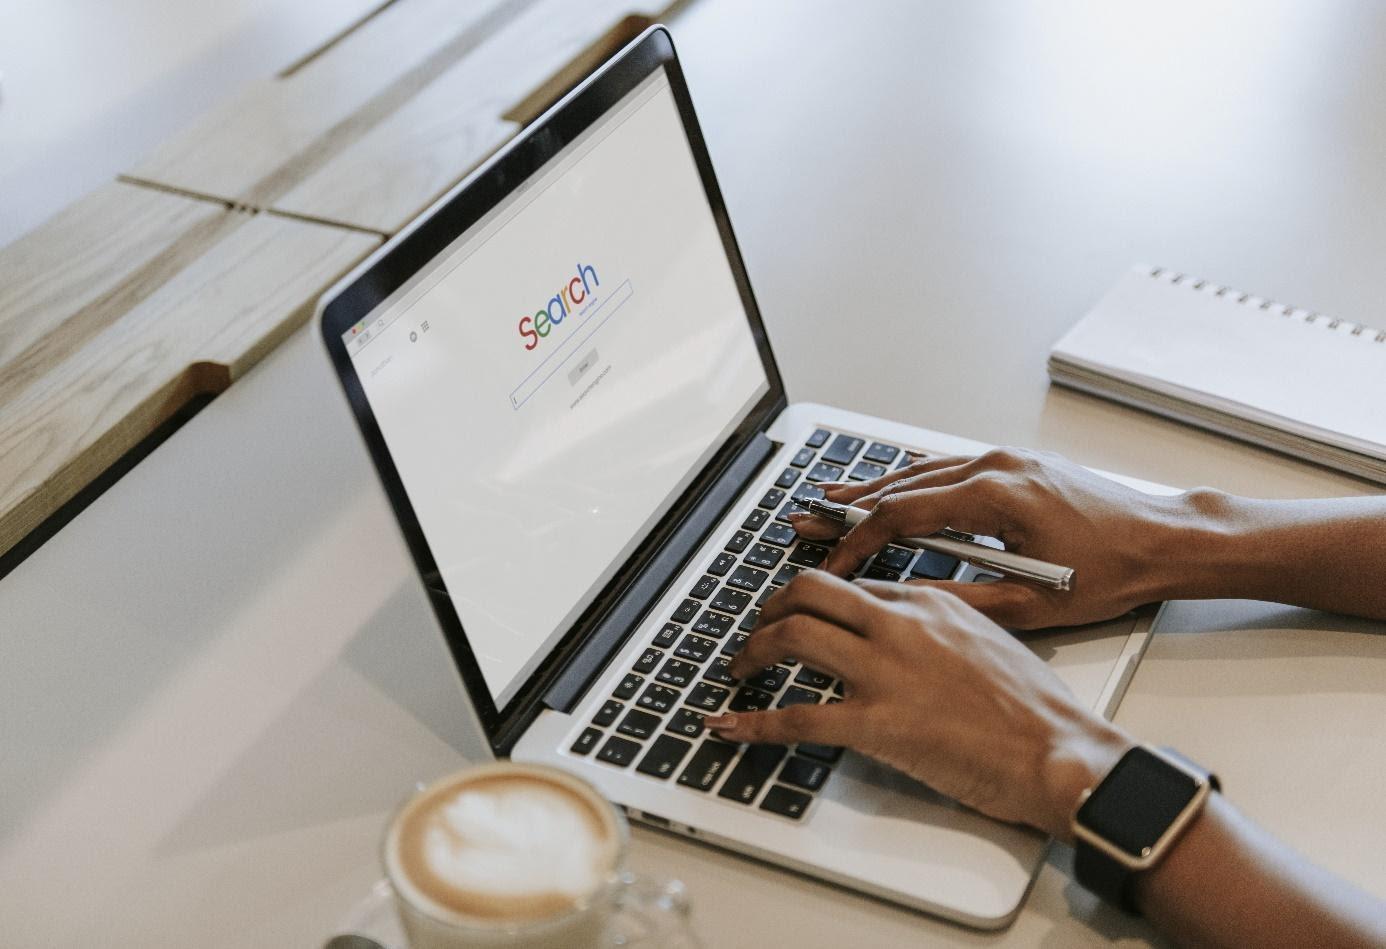 communication digitale1 - Agence de communication digitale ou Freelance pour le SEO de votre site?